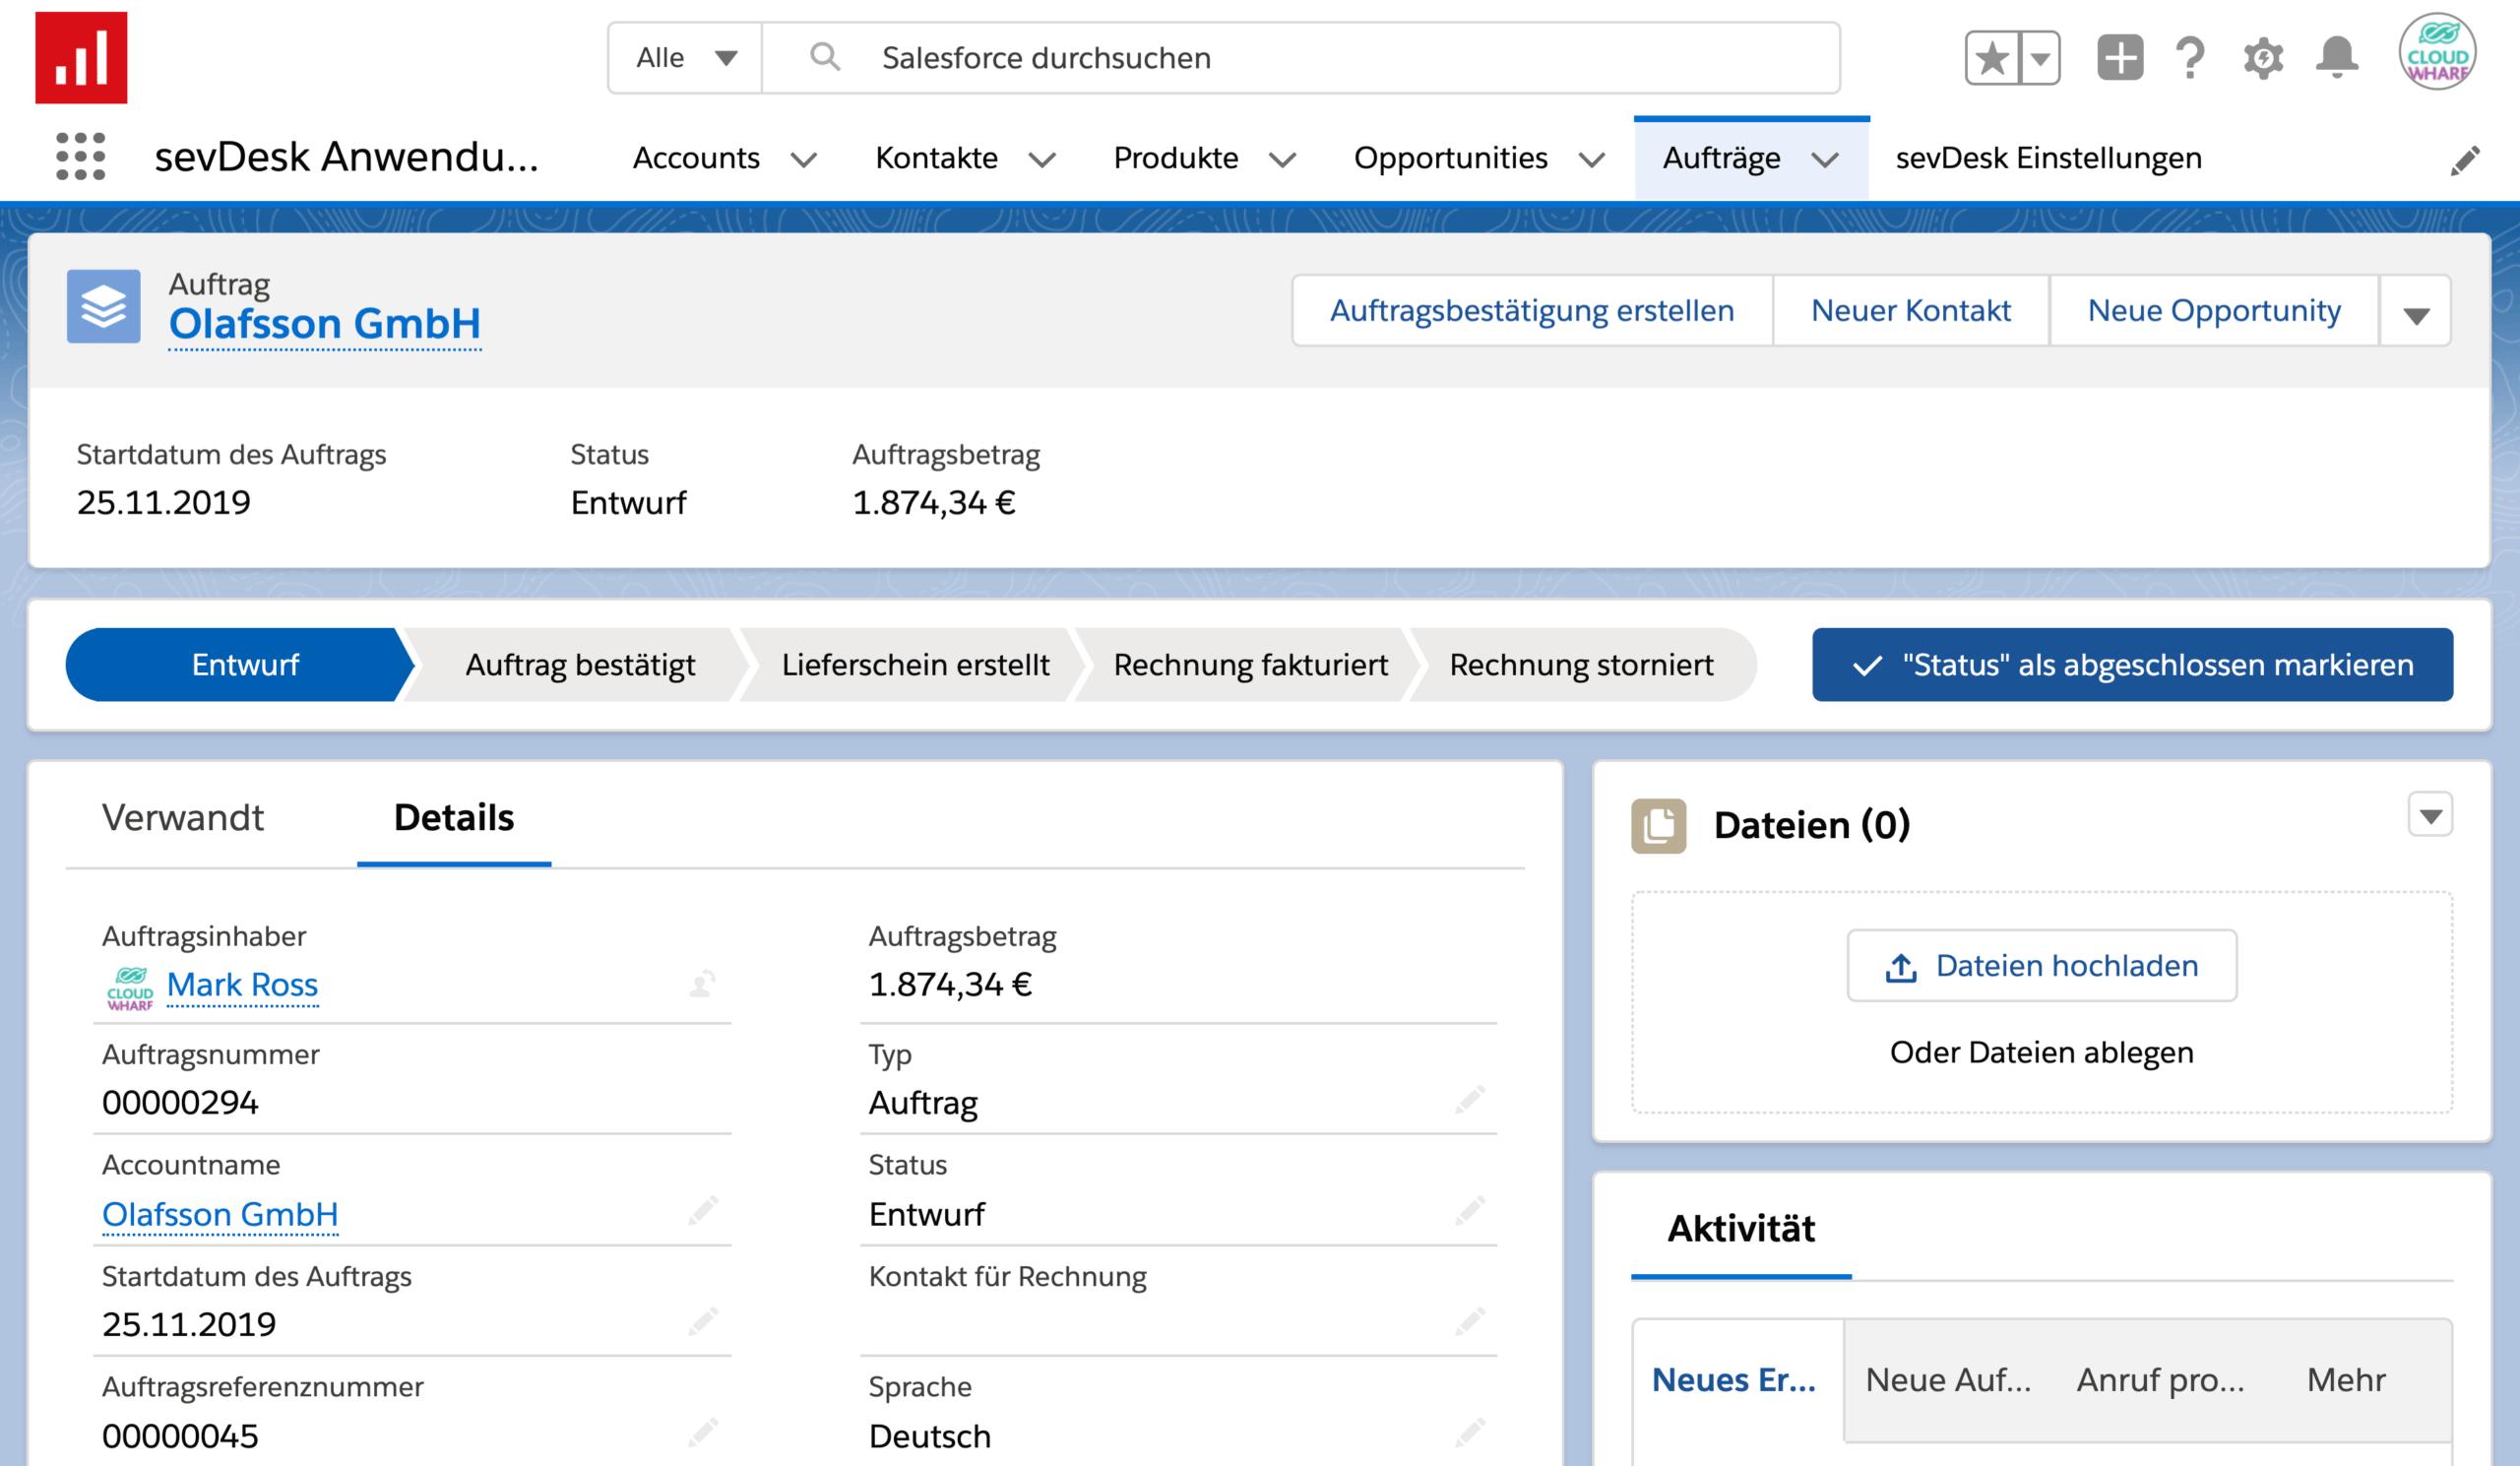 Screenshot der Auftragserfassung und Rechnungsstellung in Salesforce